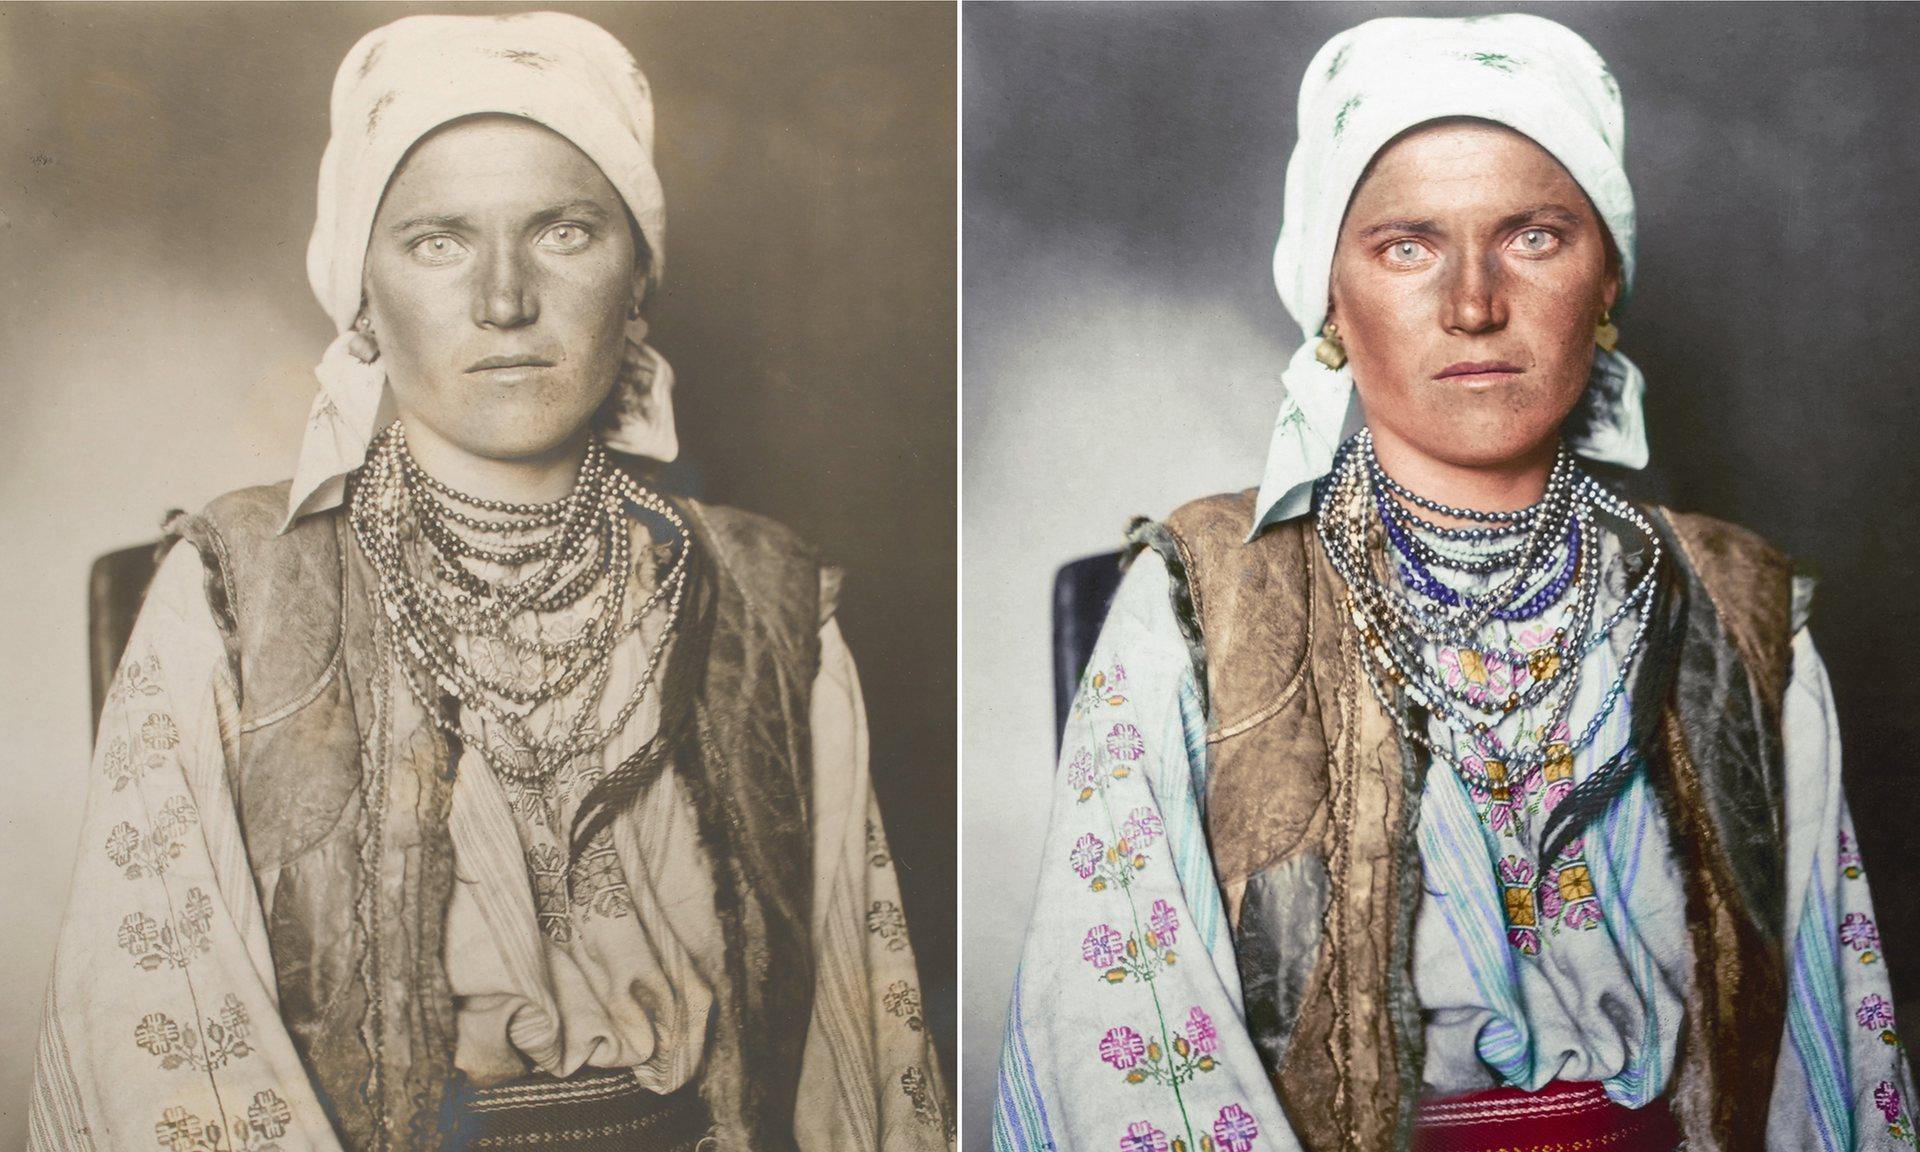 Una mujer Ruteno alrededor de la región históricamente habitan en el reino de los Rus, que incorpora partes de los países de habla hoy en día eslavos. Su traje consiste en una camisa y enagua hecha de lino bordado con motivos florales tradicionales